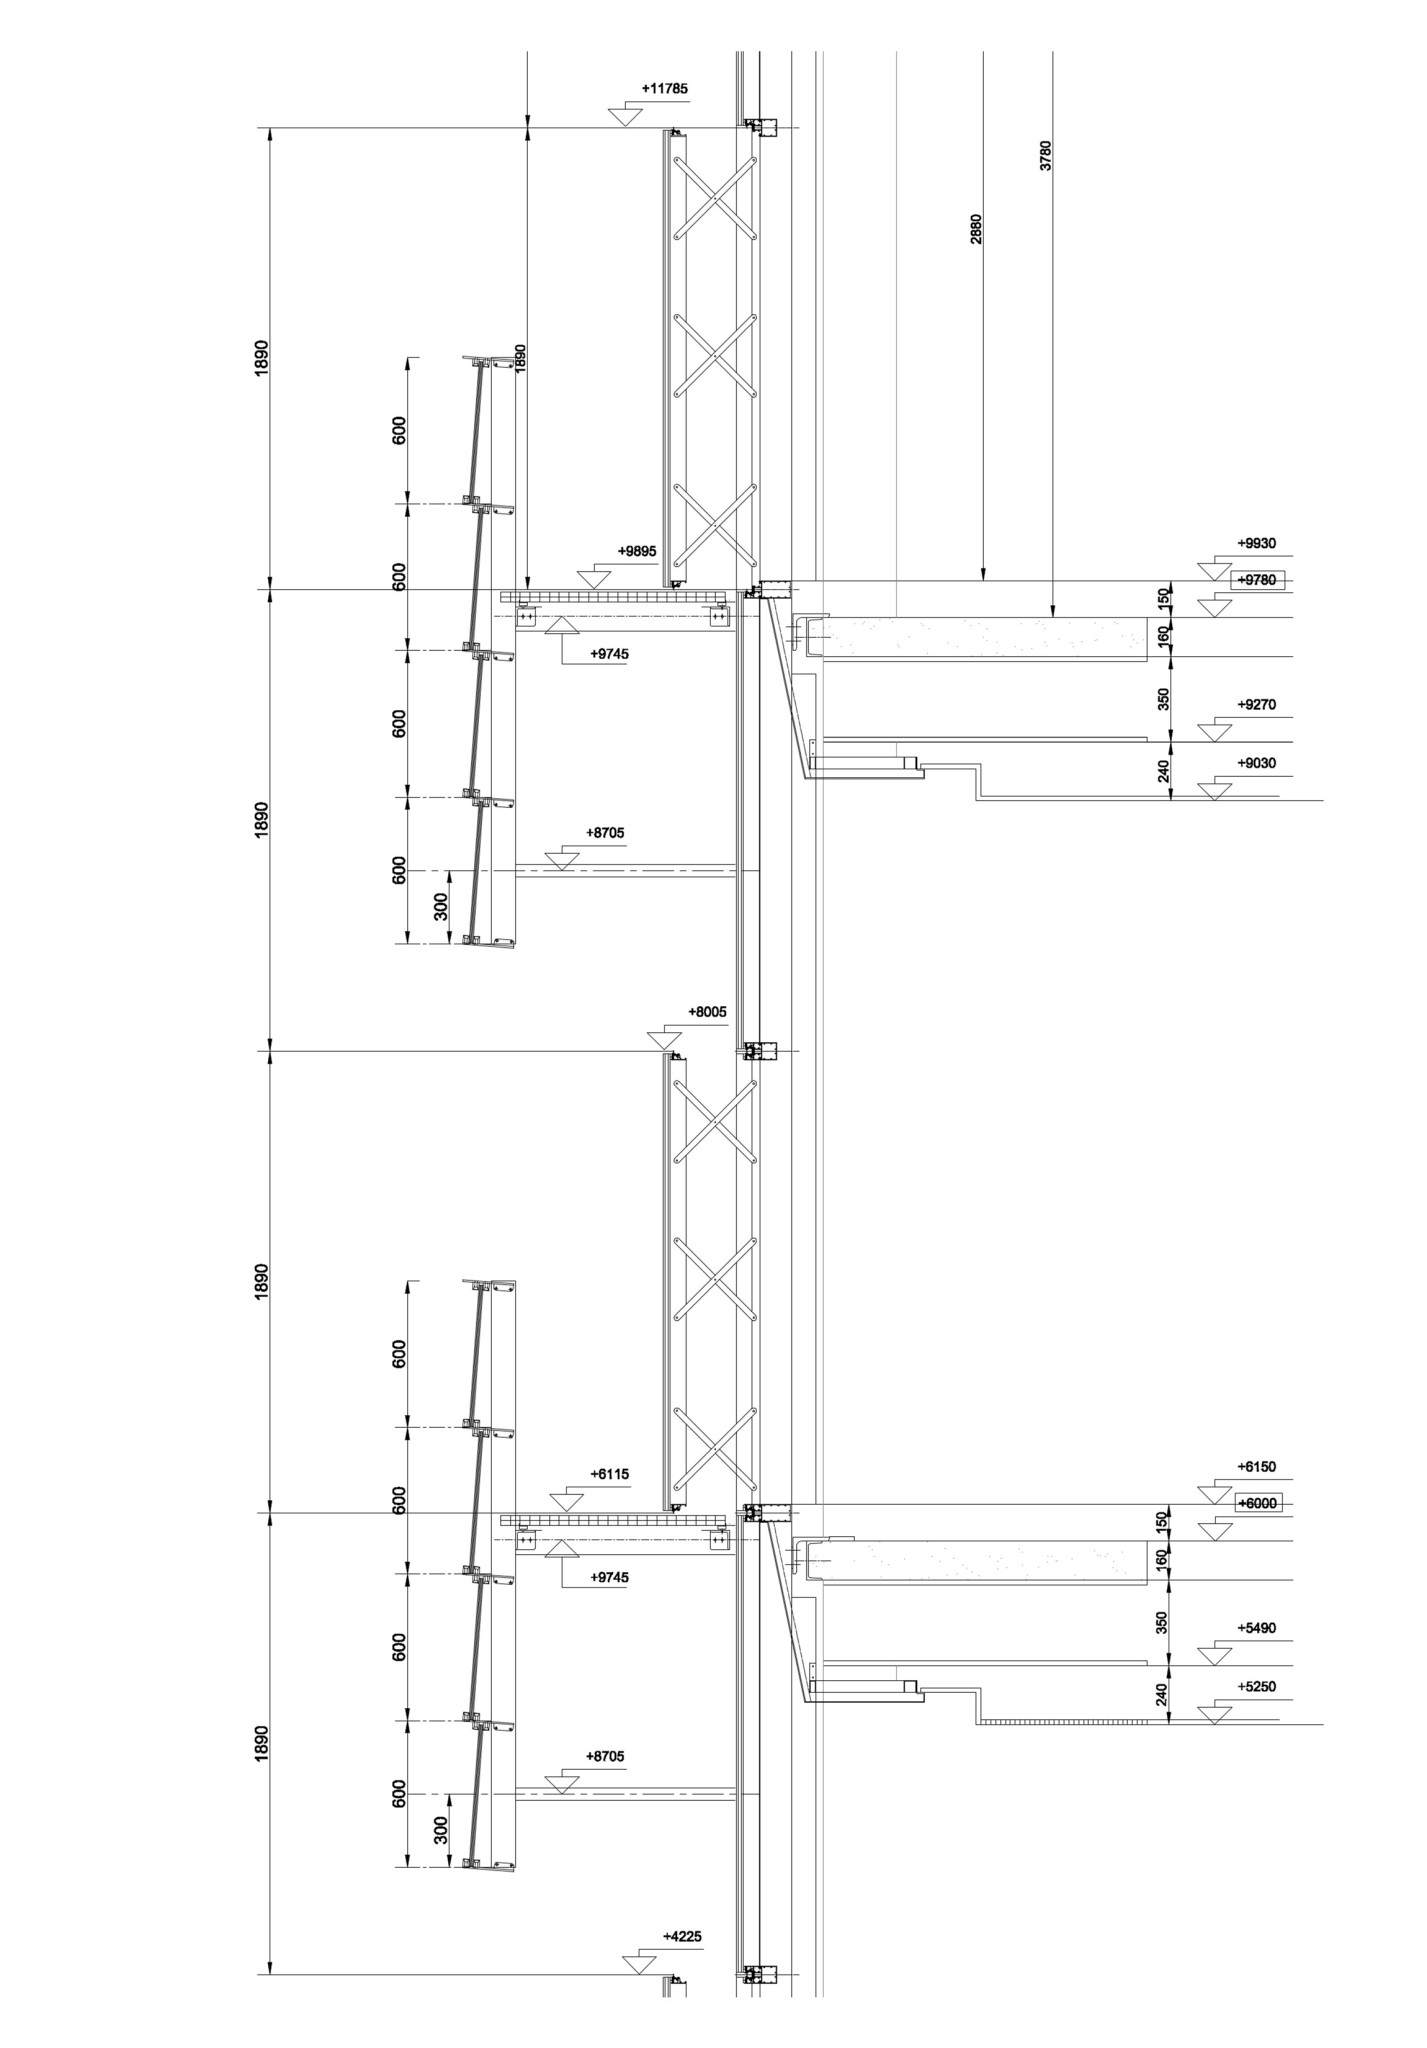 oficinas-riventi-fachada-muro-cortina-doble-piel detalle constructivo